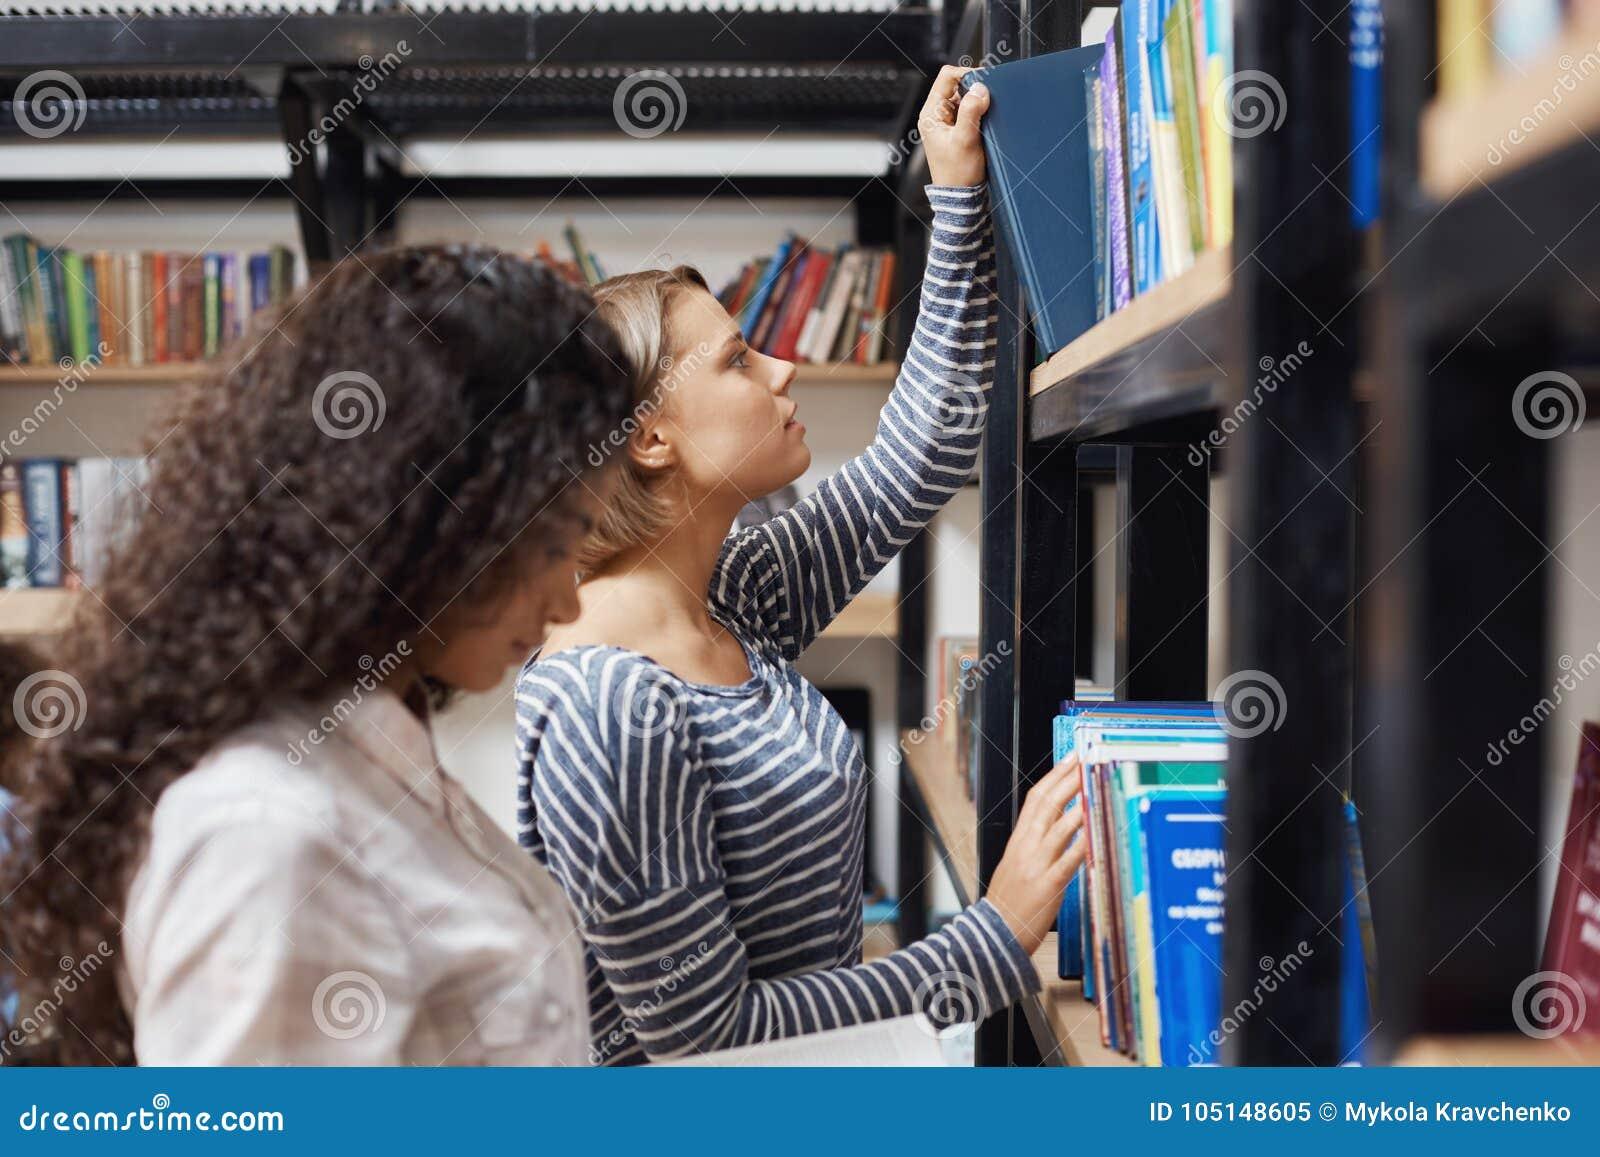 关闭停留近的书架的镶边衬衣的年轻悦目白肤金发的女孩在现代图书馆里,去采取a